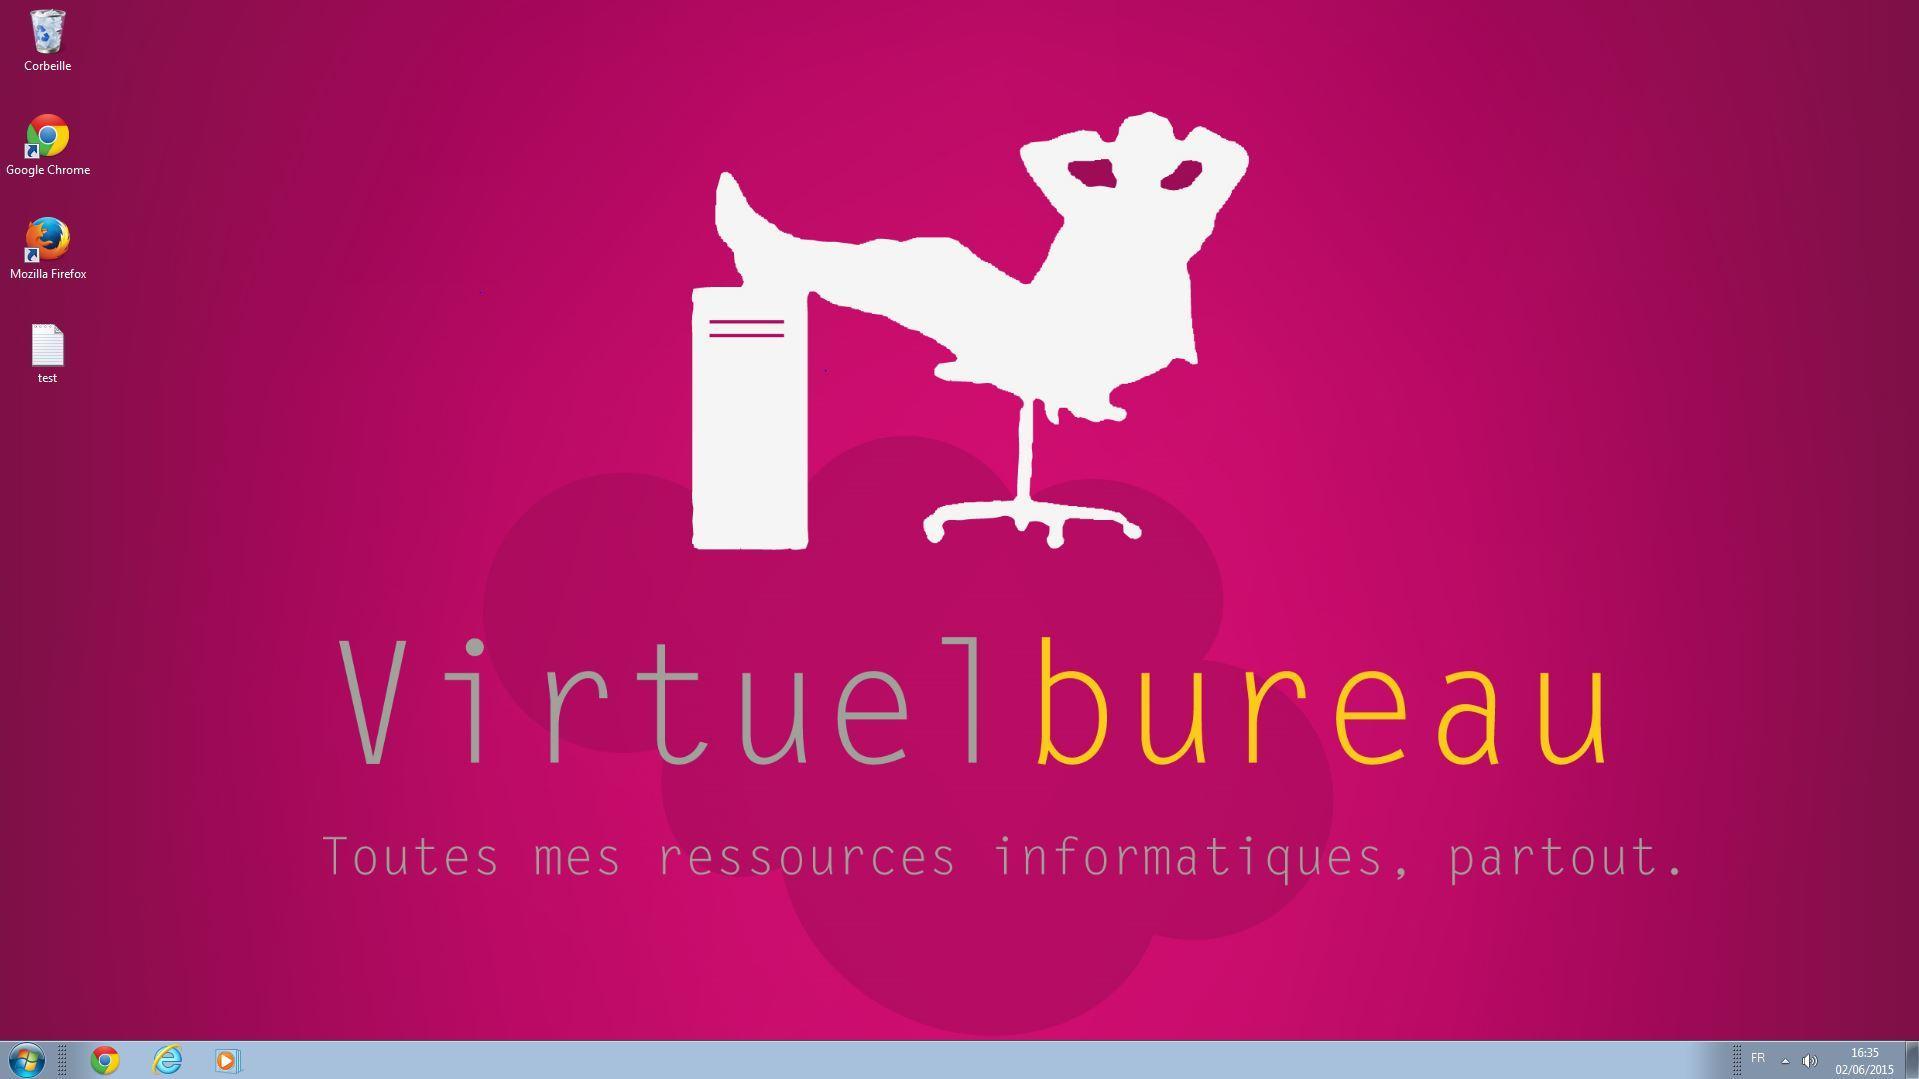 Virtuel Bureau: Contrôle strict des accès aux serveurs, Réversibilité totale des données, Double-authentification